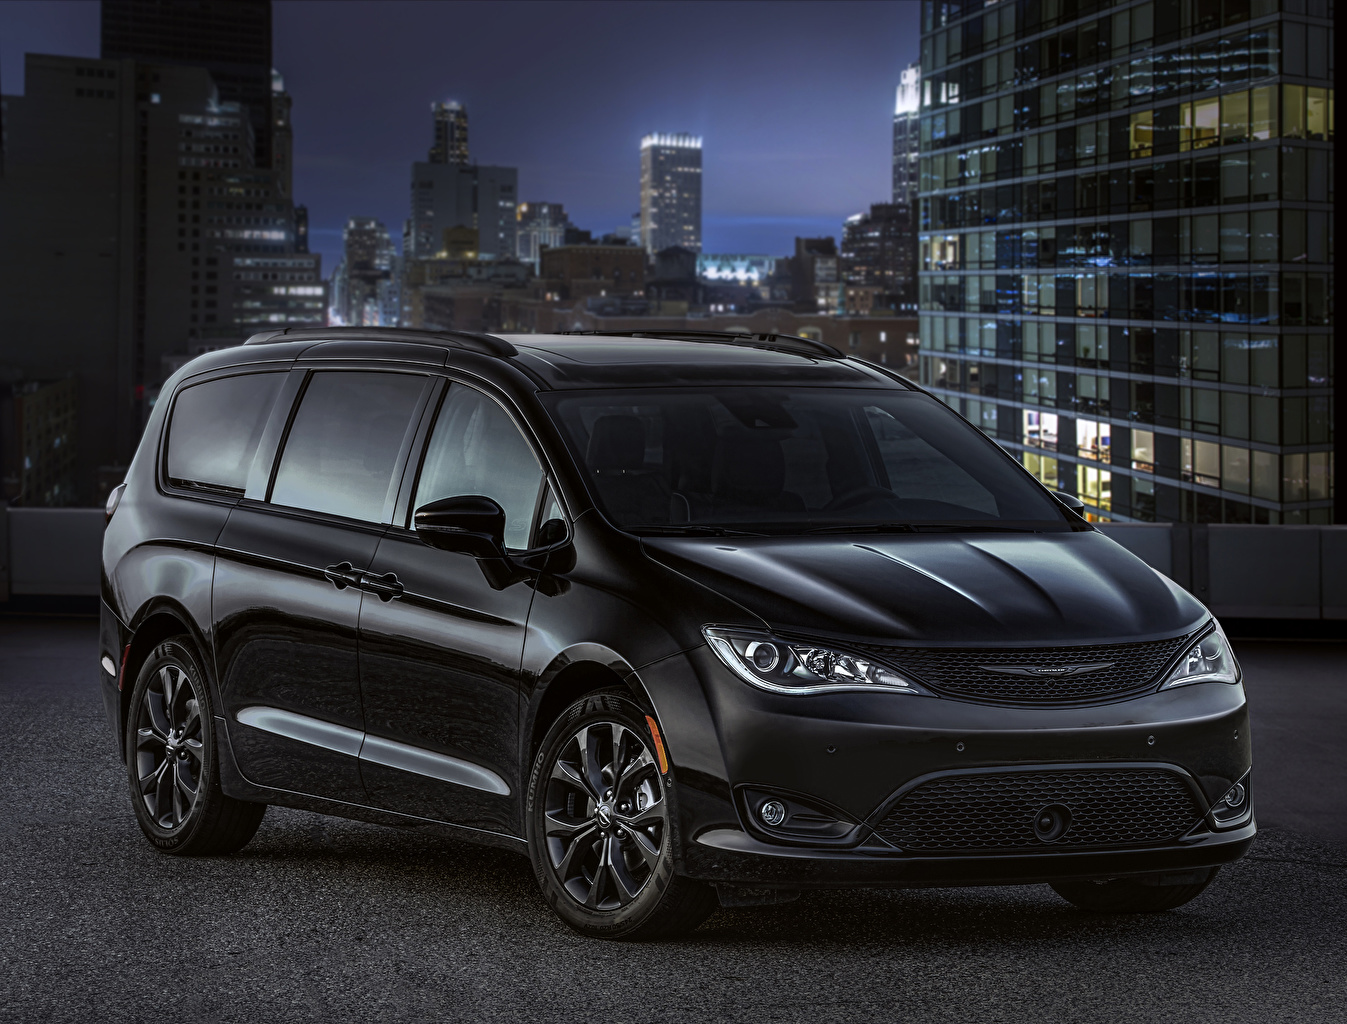 Achtergrond Chrysler 2018 Pacifica Limited S Appearance Package Zwart kleur Auto auto's automobiel